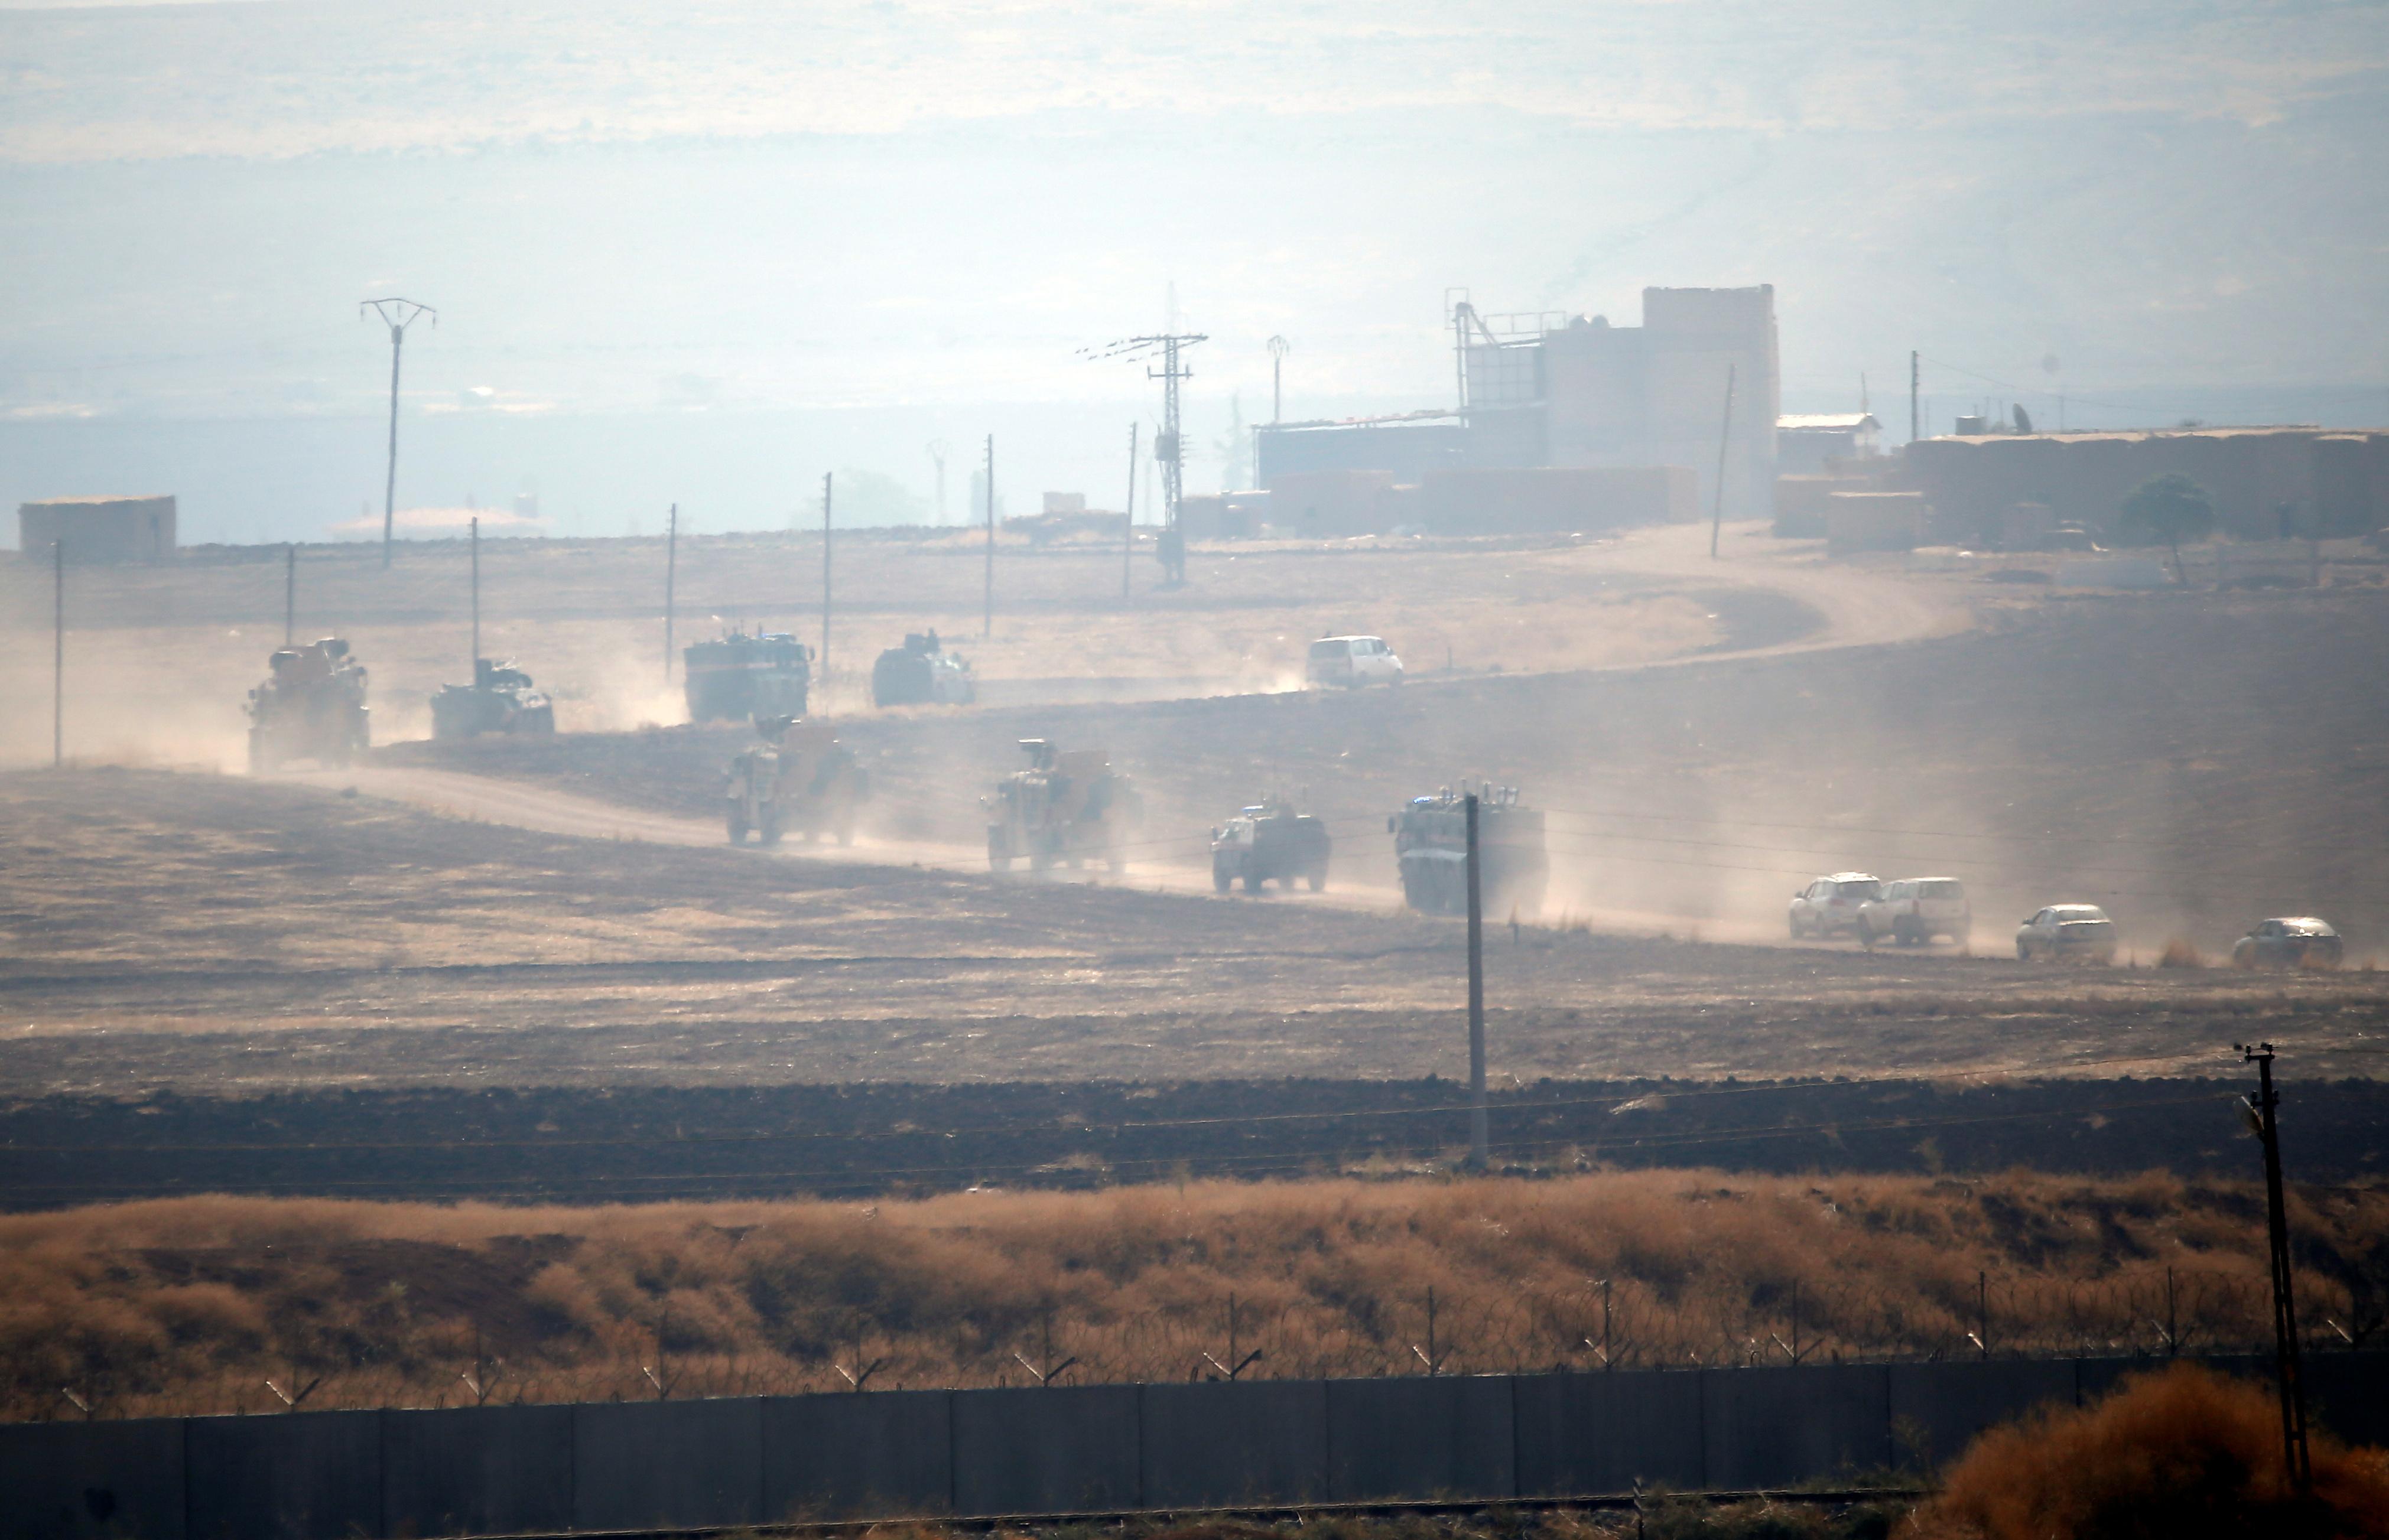 Συρία: Έξι άμαχοι νεκροί από αεροπορικές επιδρομές της Ρωσίας